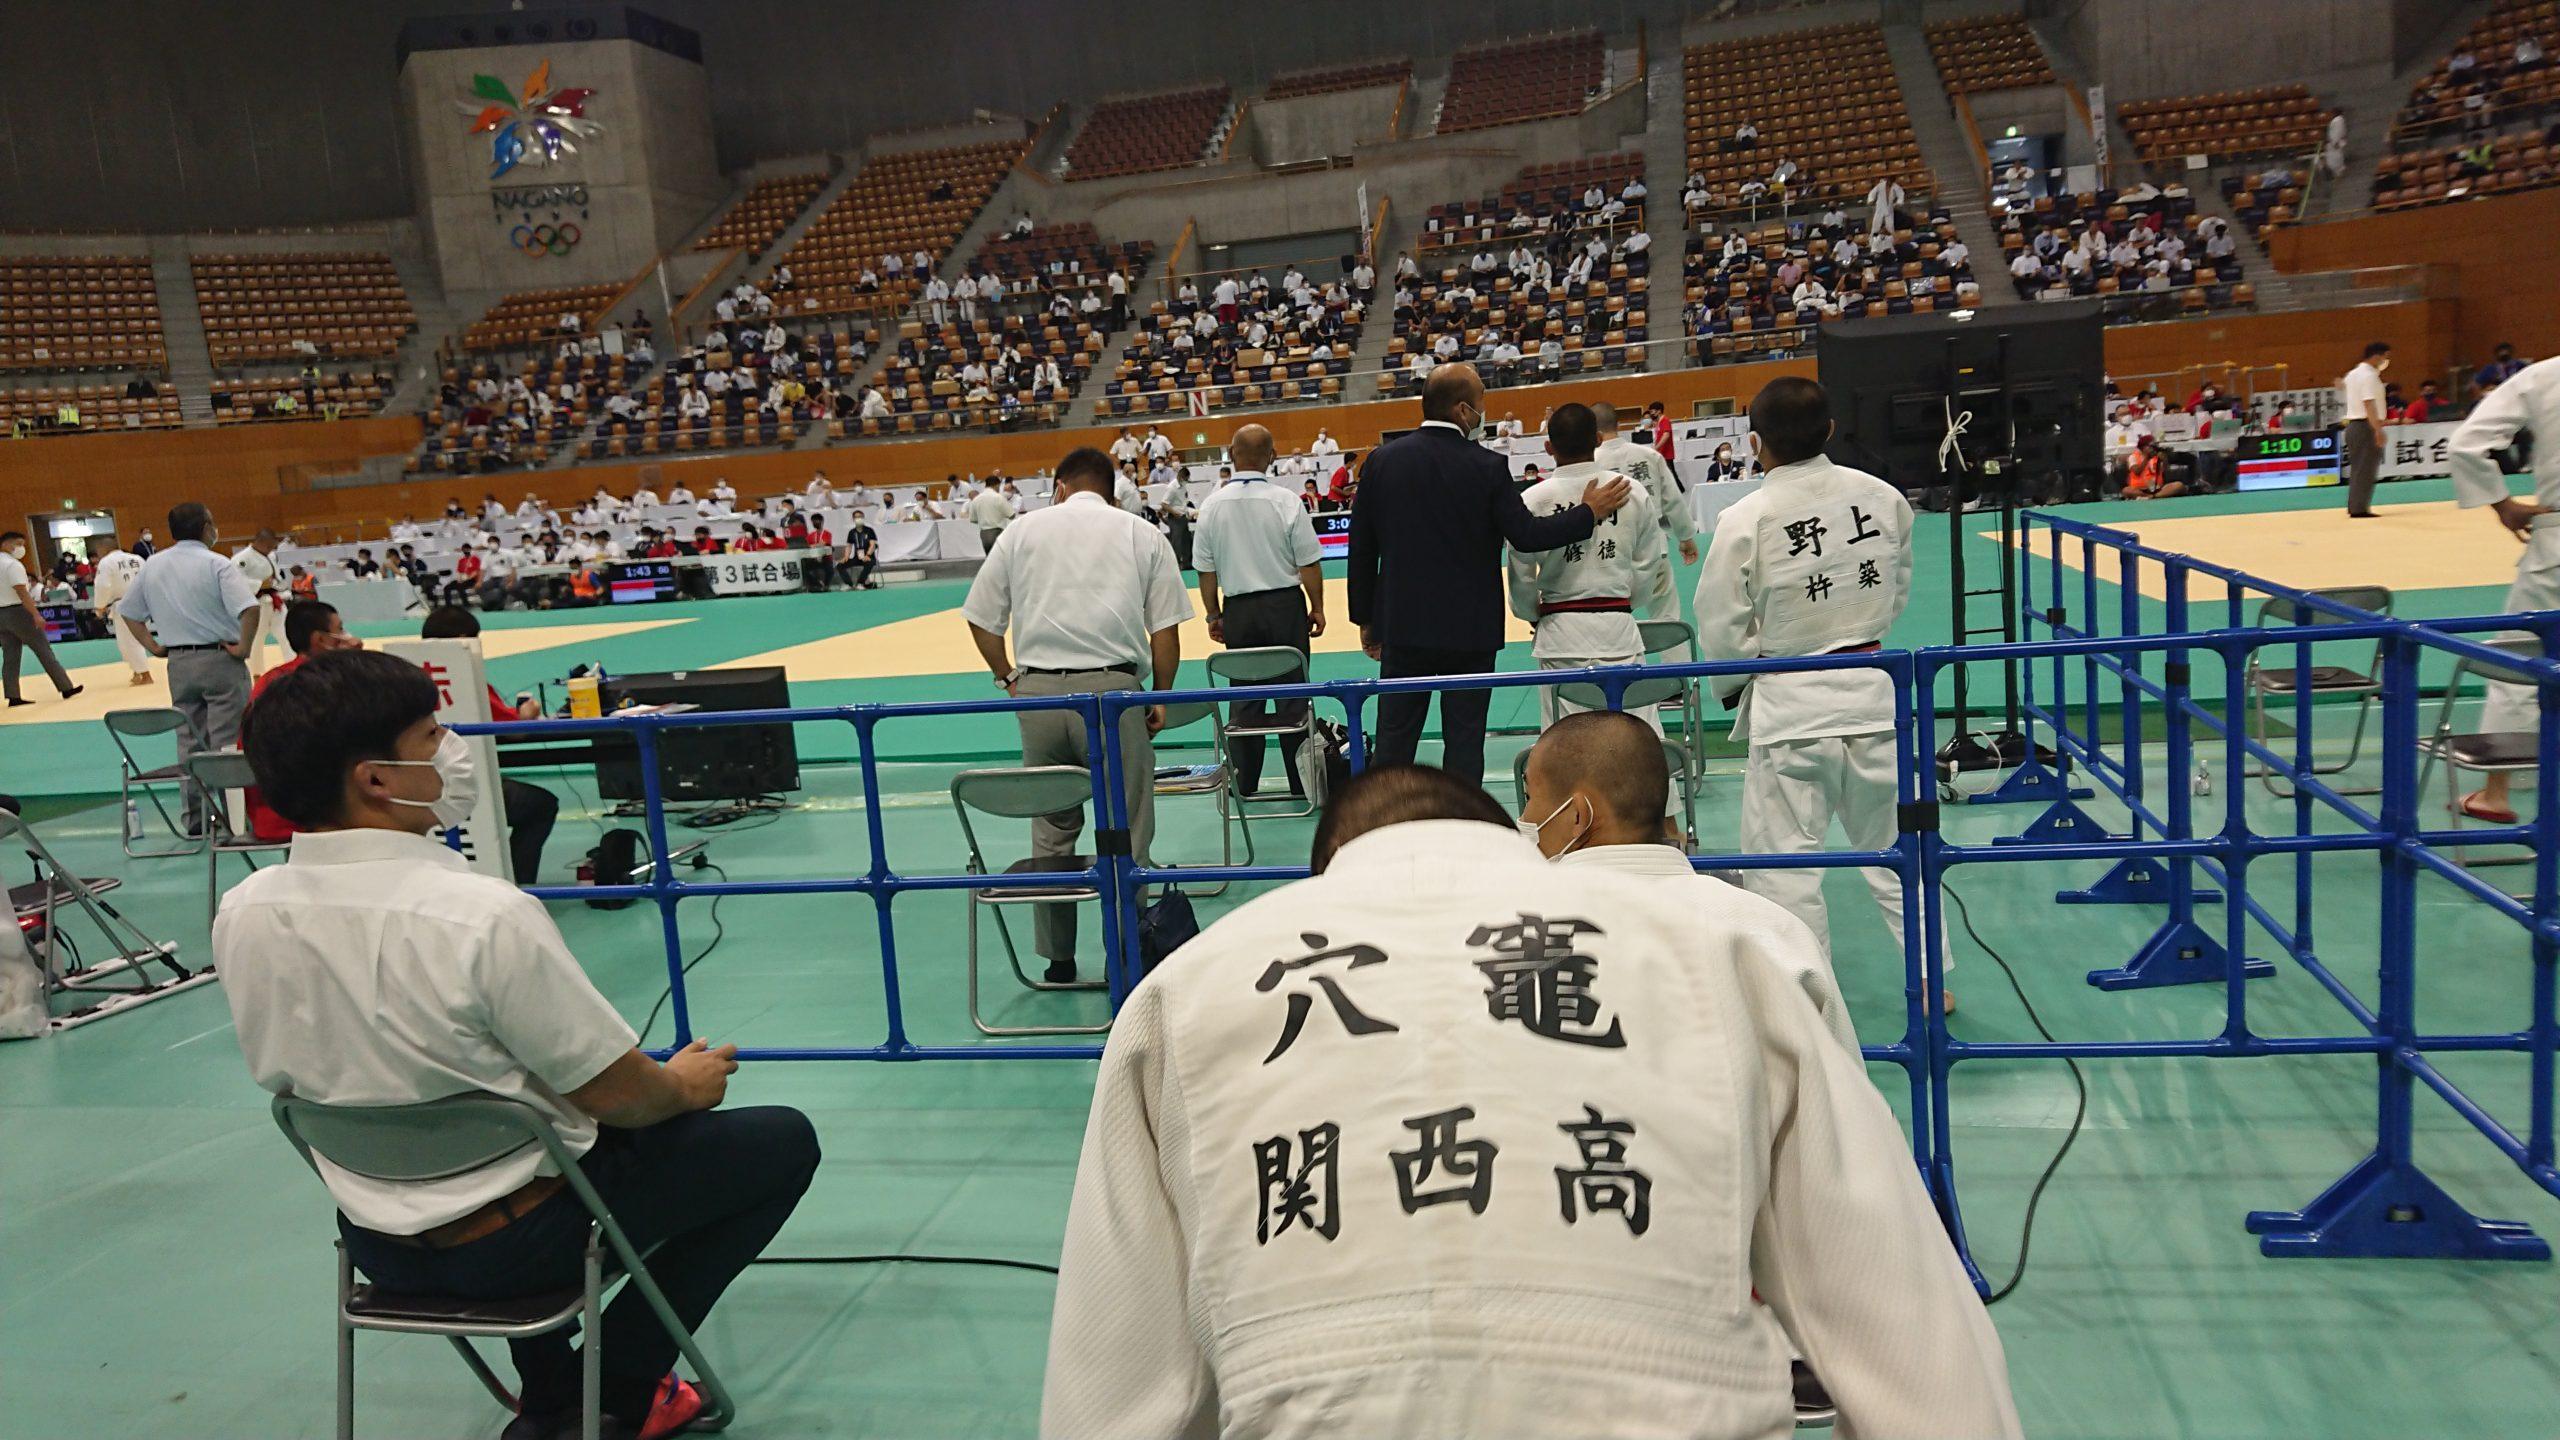 令和3年度全国高等学校総合体育大会柔道競技大会 第70回全国高等学校柔道大会